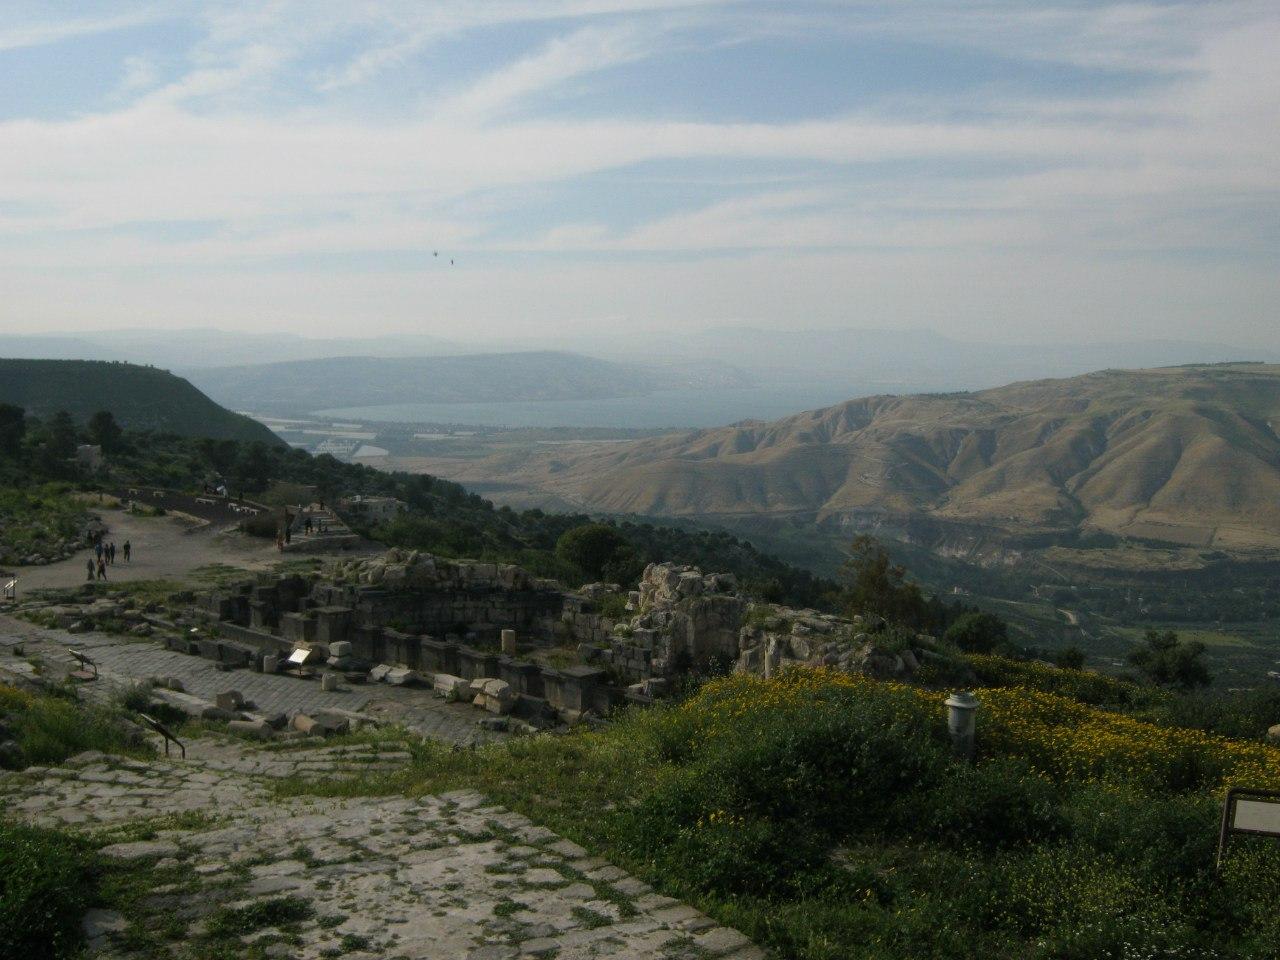 Вид на Голанские высоты со стороны Иордании